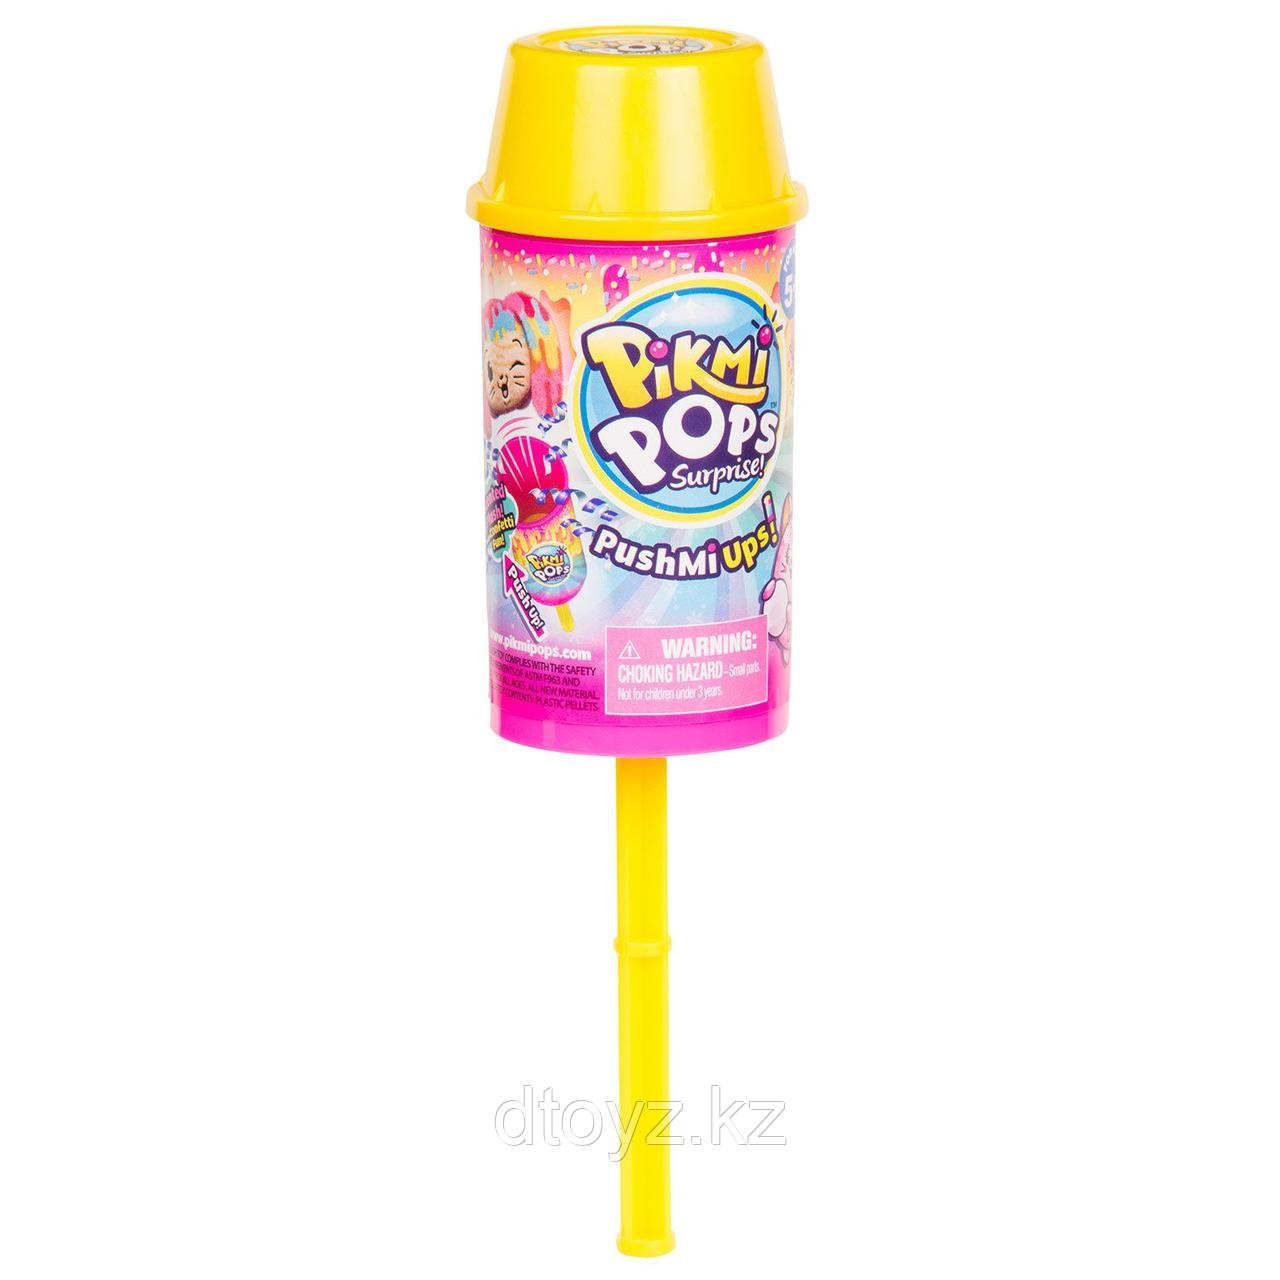 Набор-сюрприз Pikmi Pops с героем Pushmi Ups и конфетти